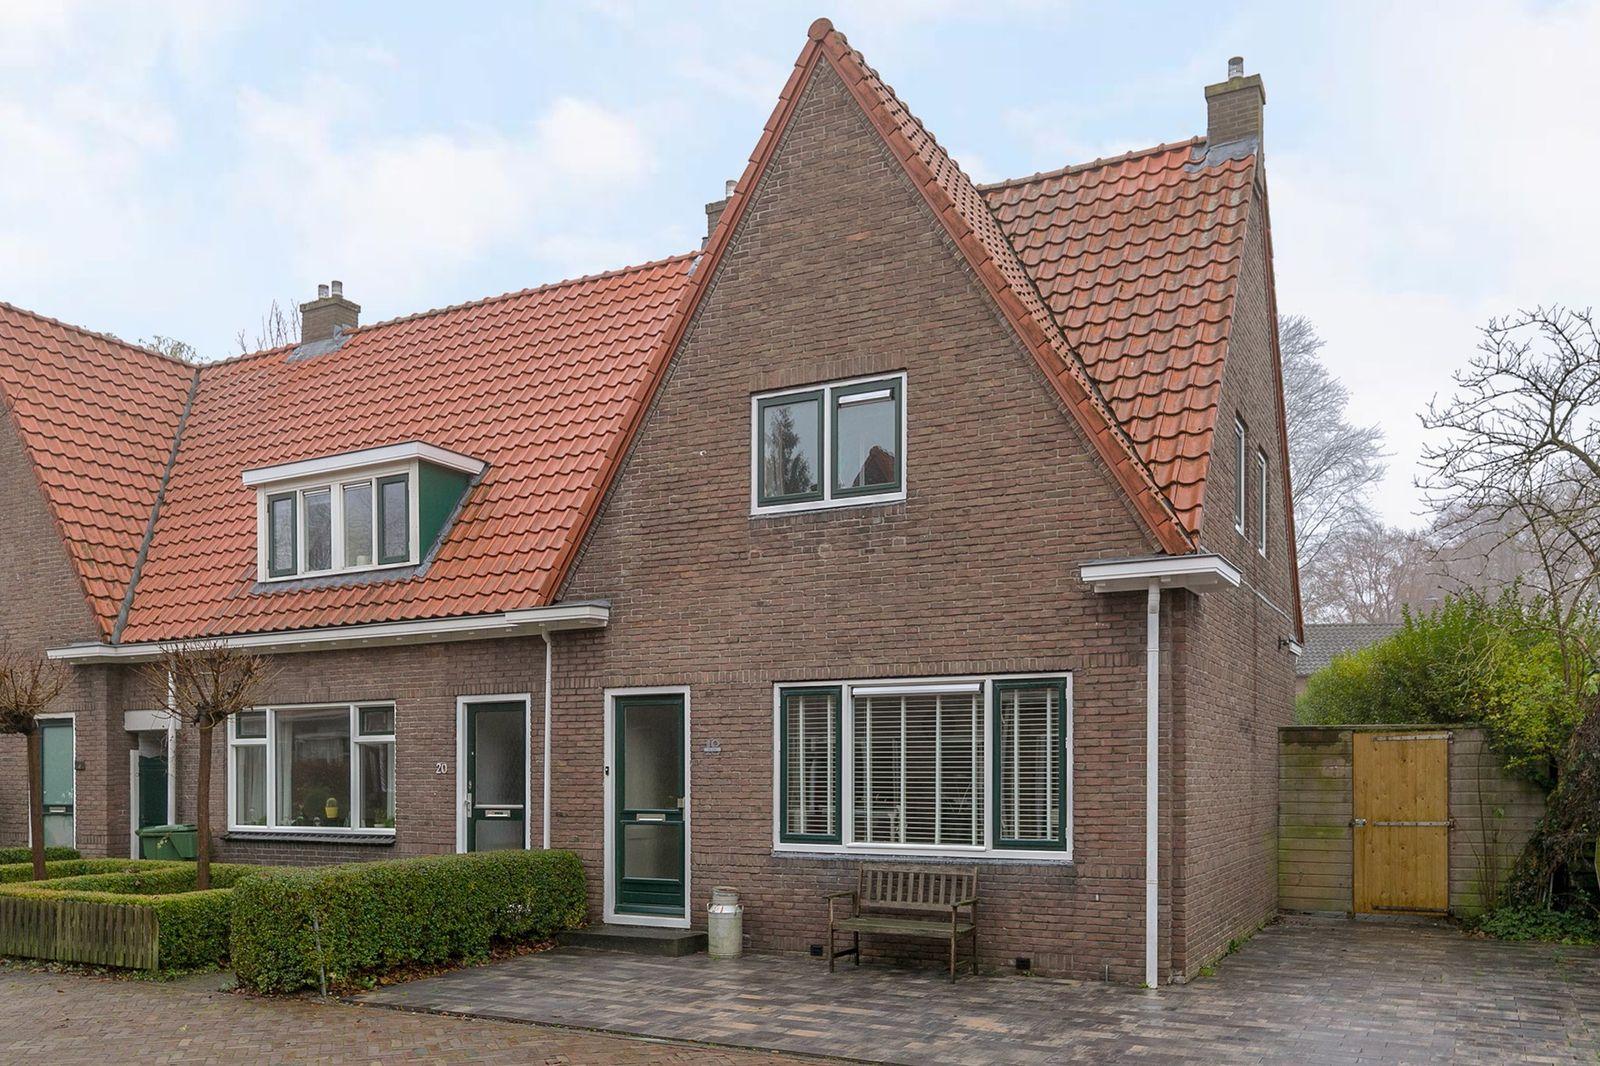 Zuiderstraat 18, Heerenveen